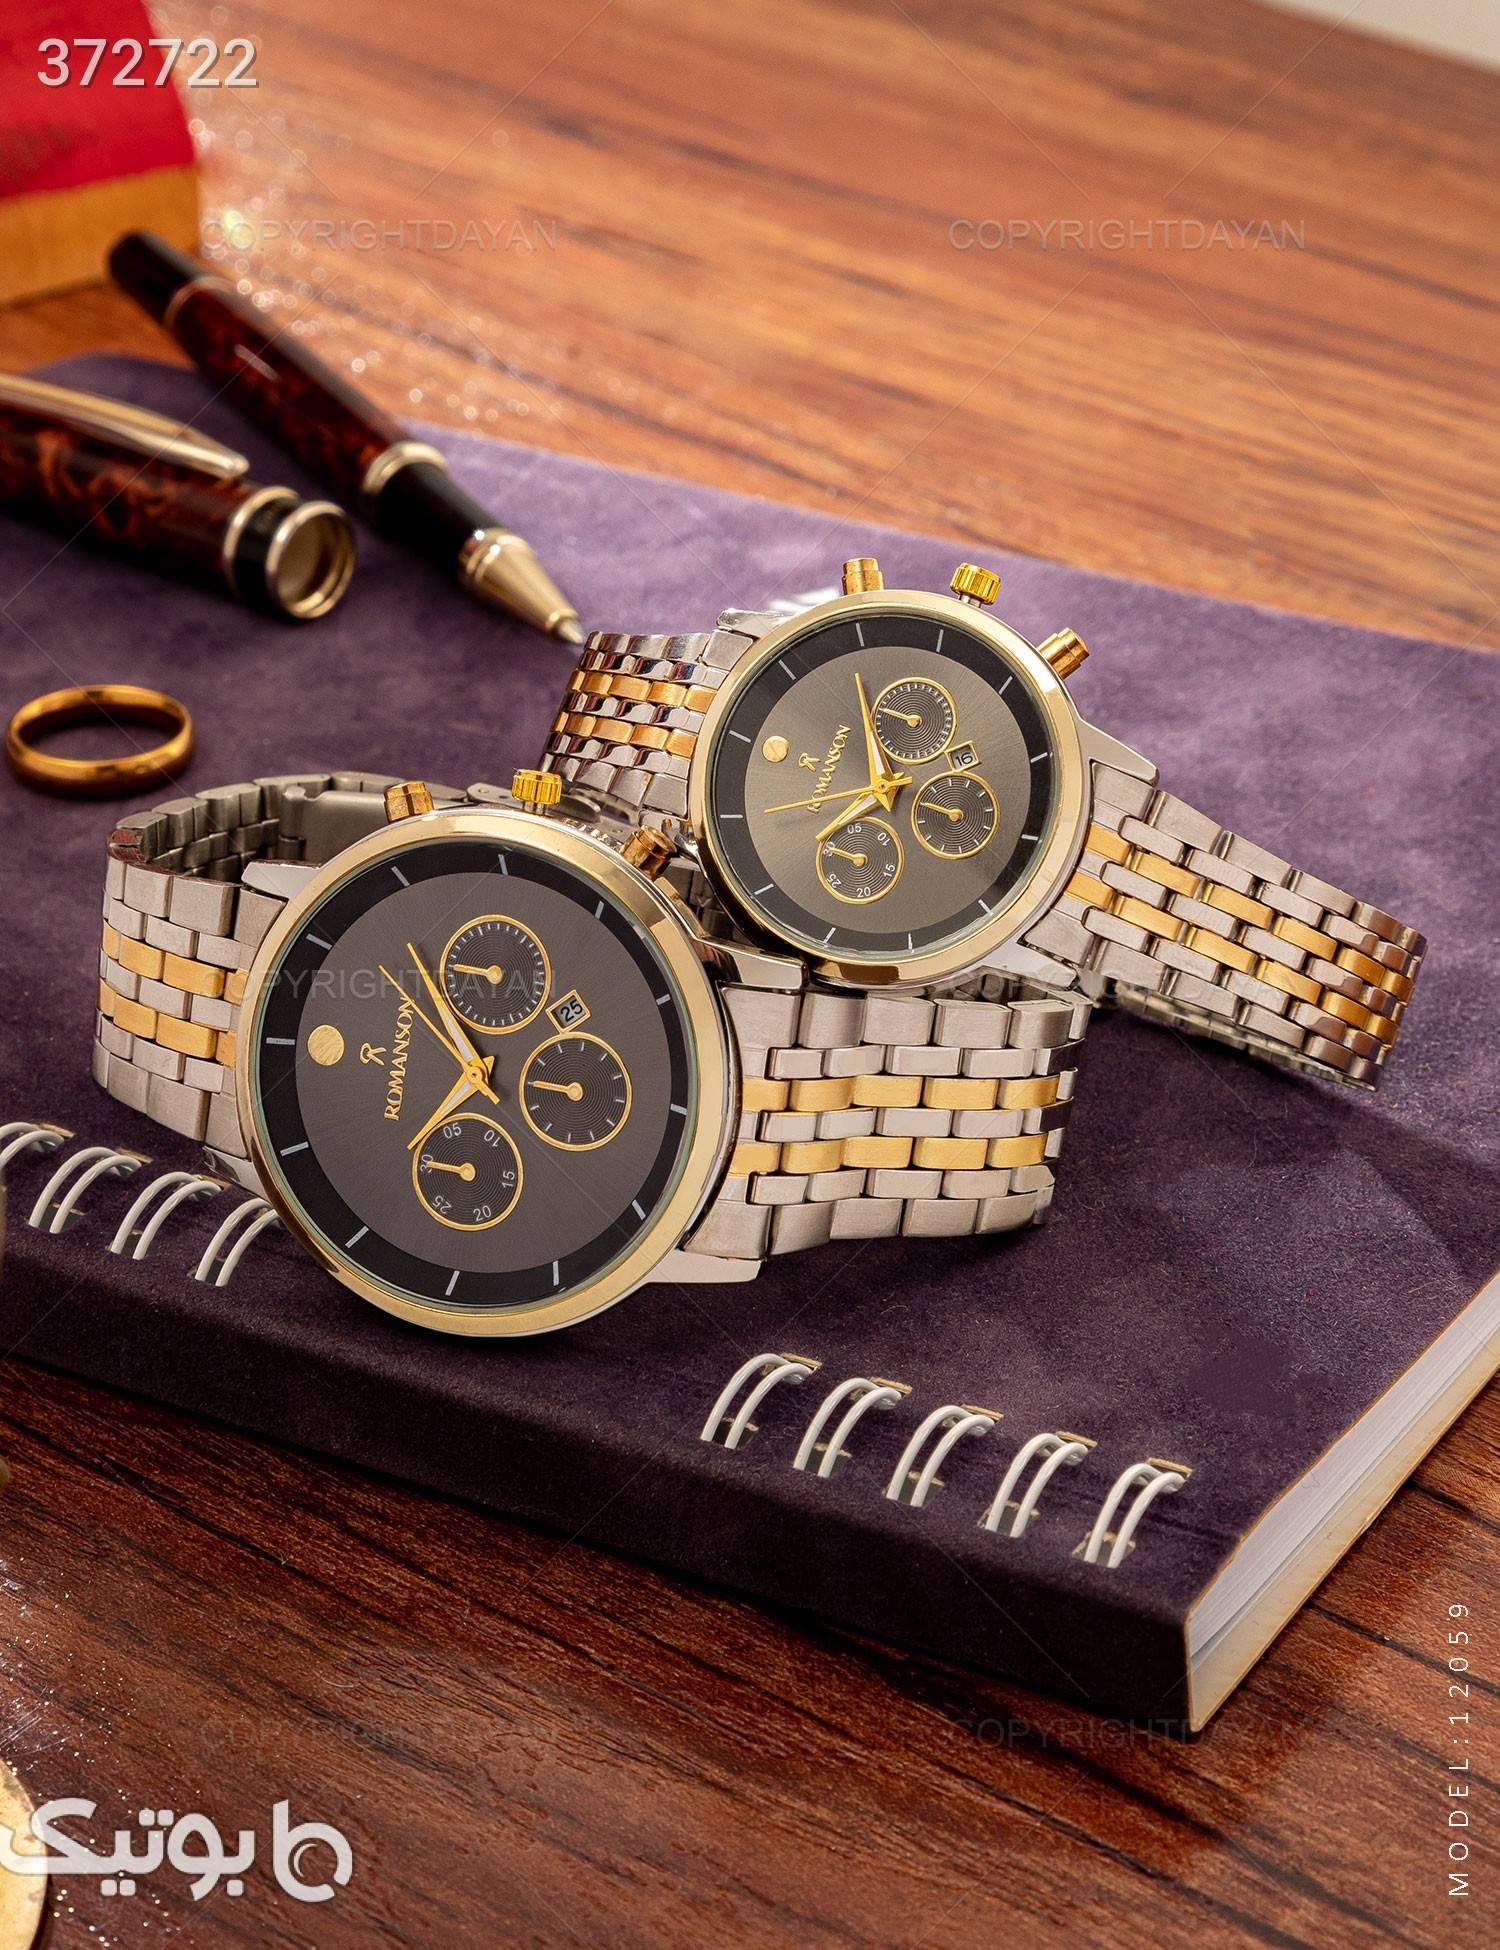 ست ساعت مچی Romanson مدل 12059 مشکی ساعت